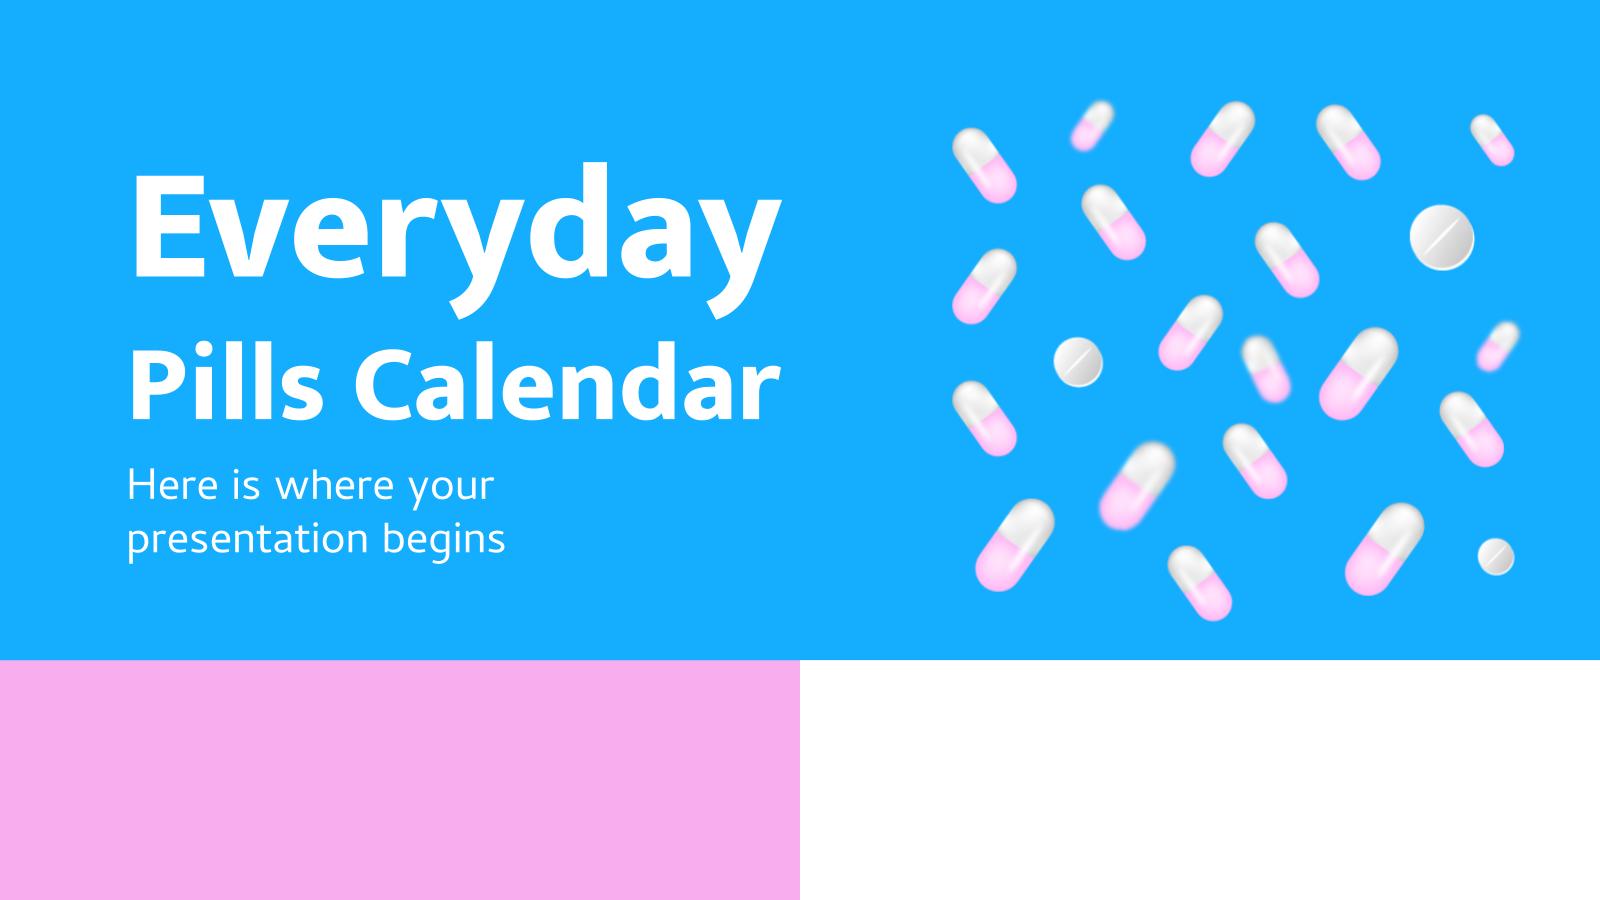 Calendrier quotidien des médicaments : Modèles de présentation